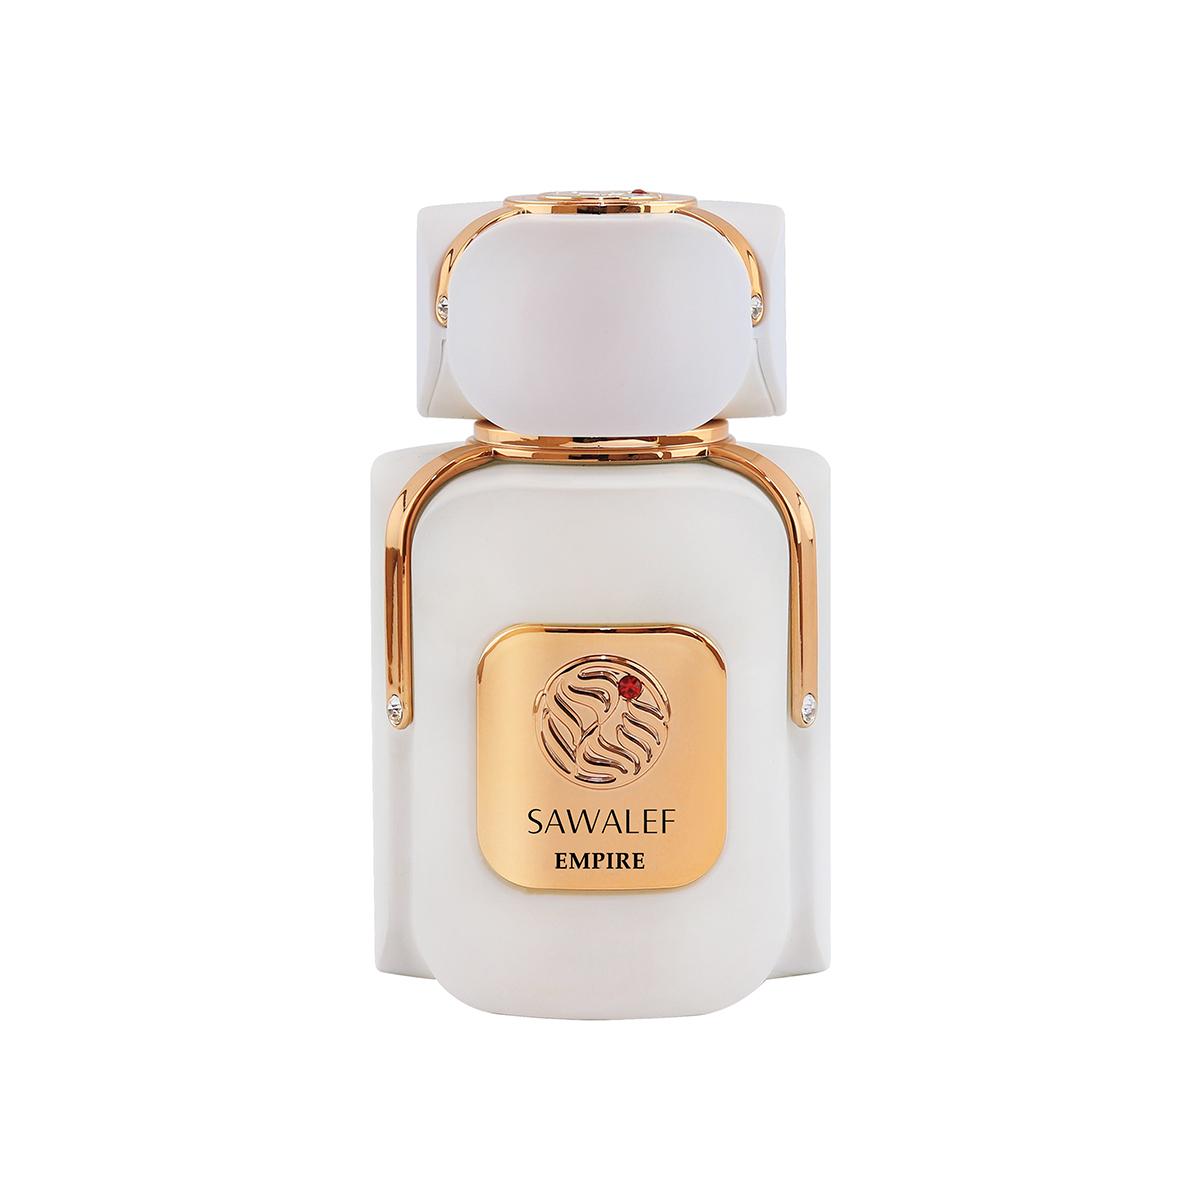 Sawalef Empire Eau De Parfum 80 ml (unisex) 132229